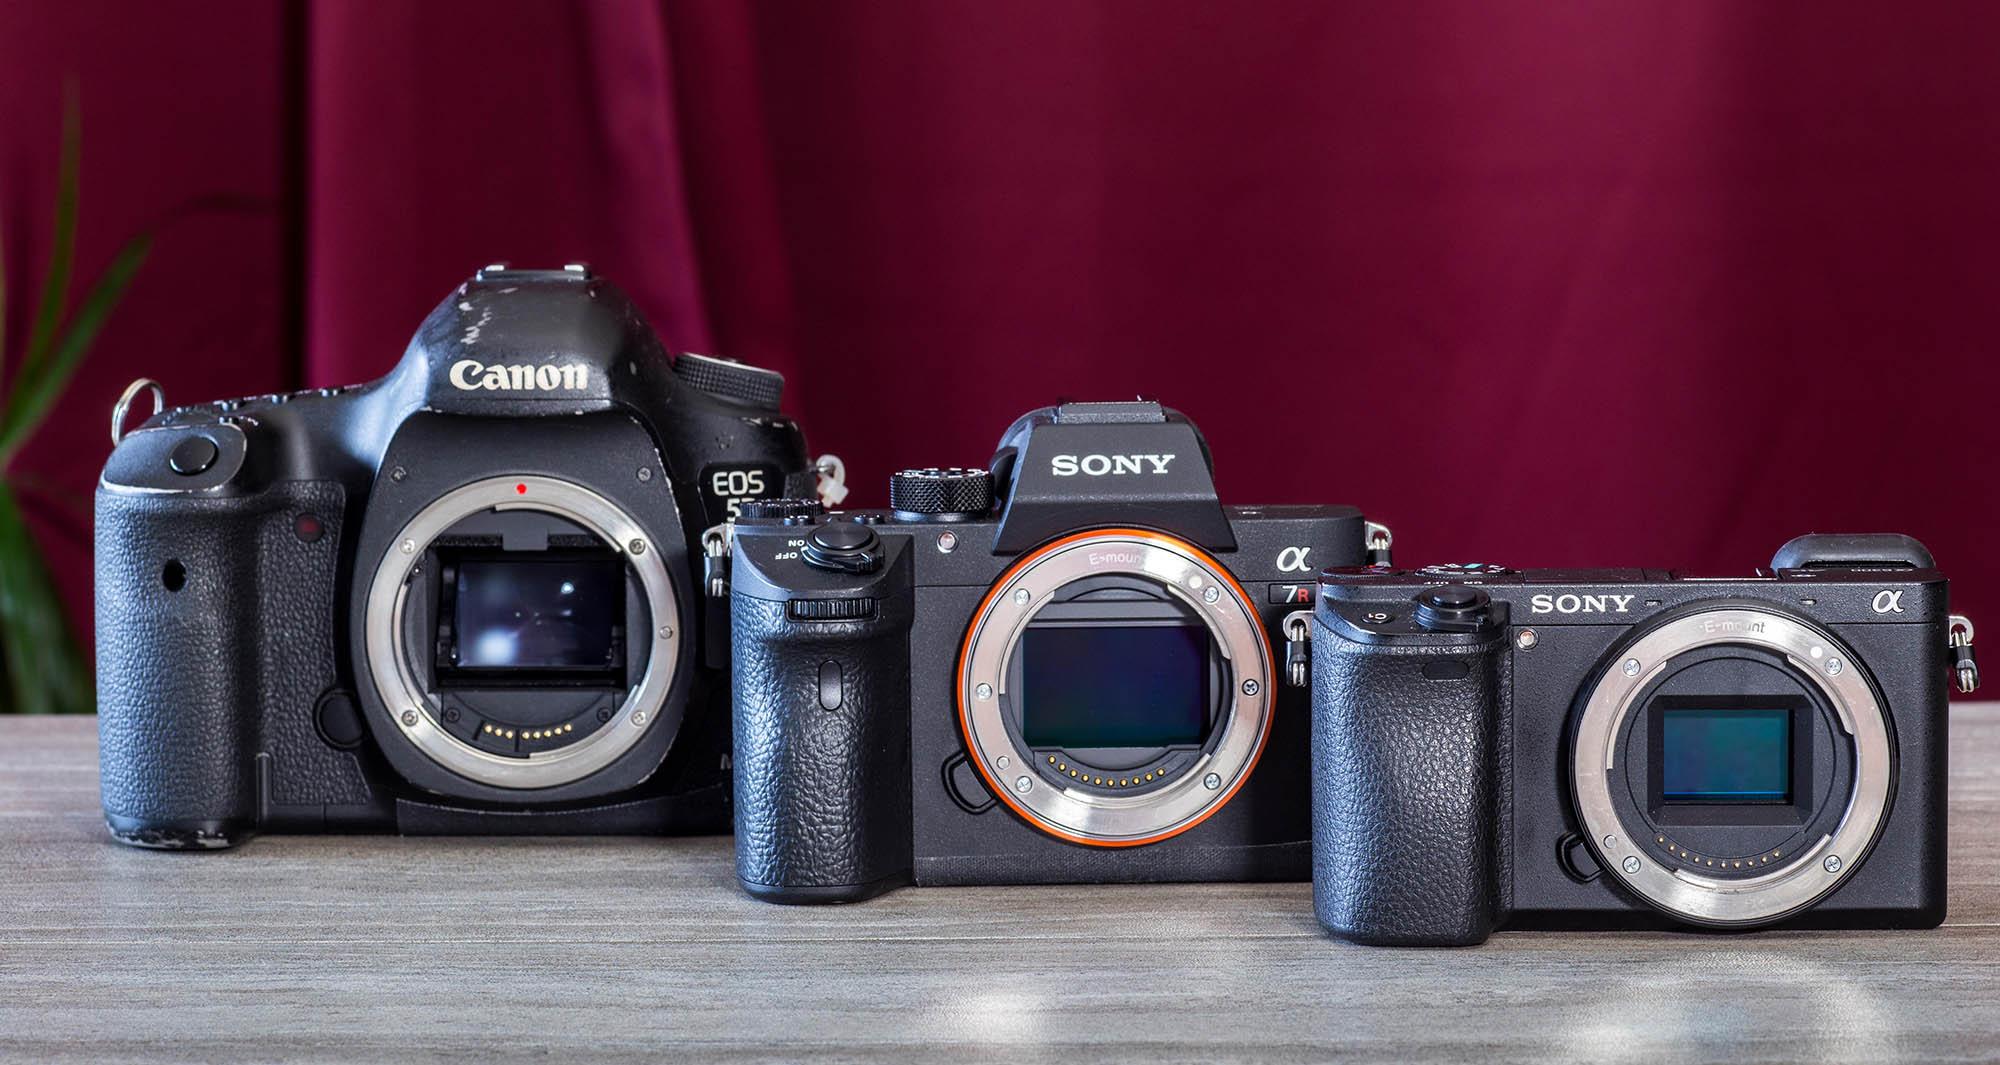 Canon versus Sony